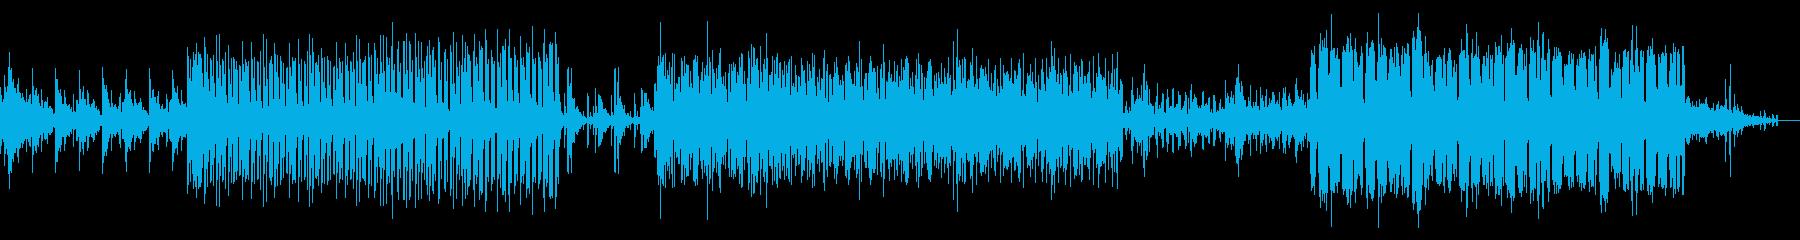 水底のようなディープテクノの再生済みの波形